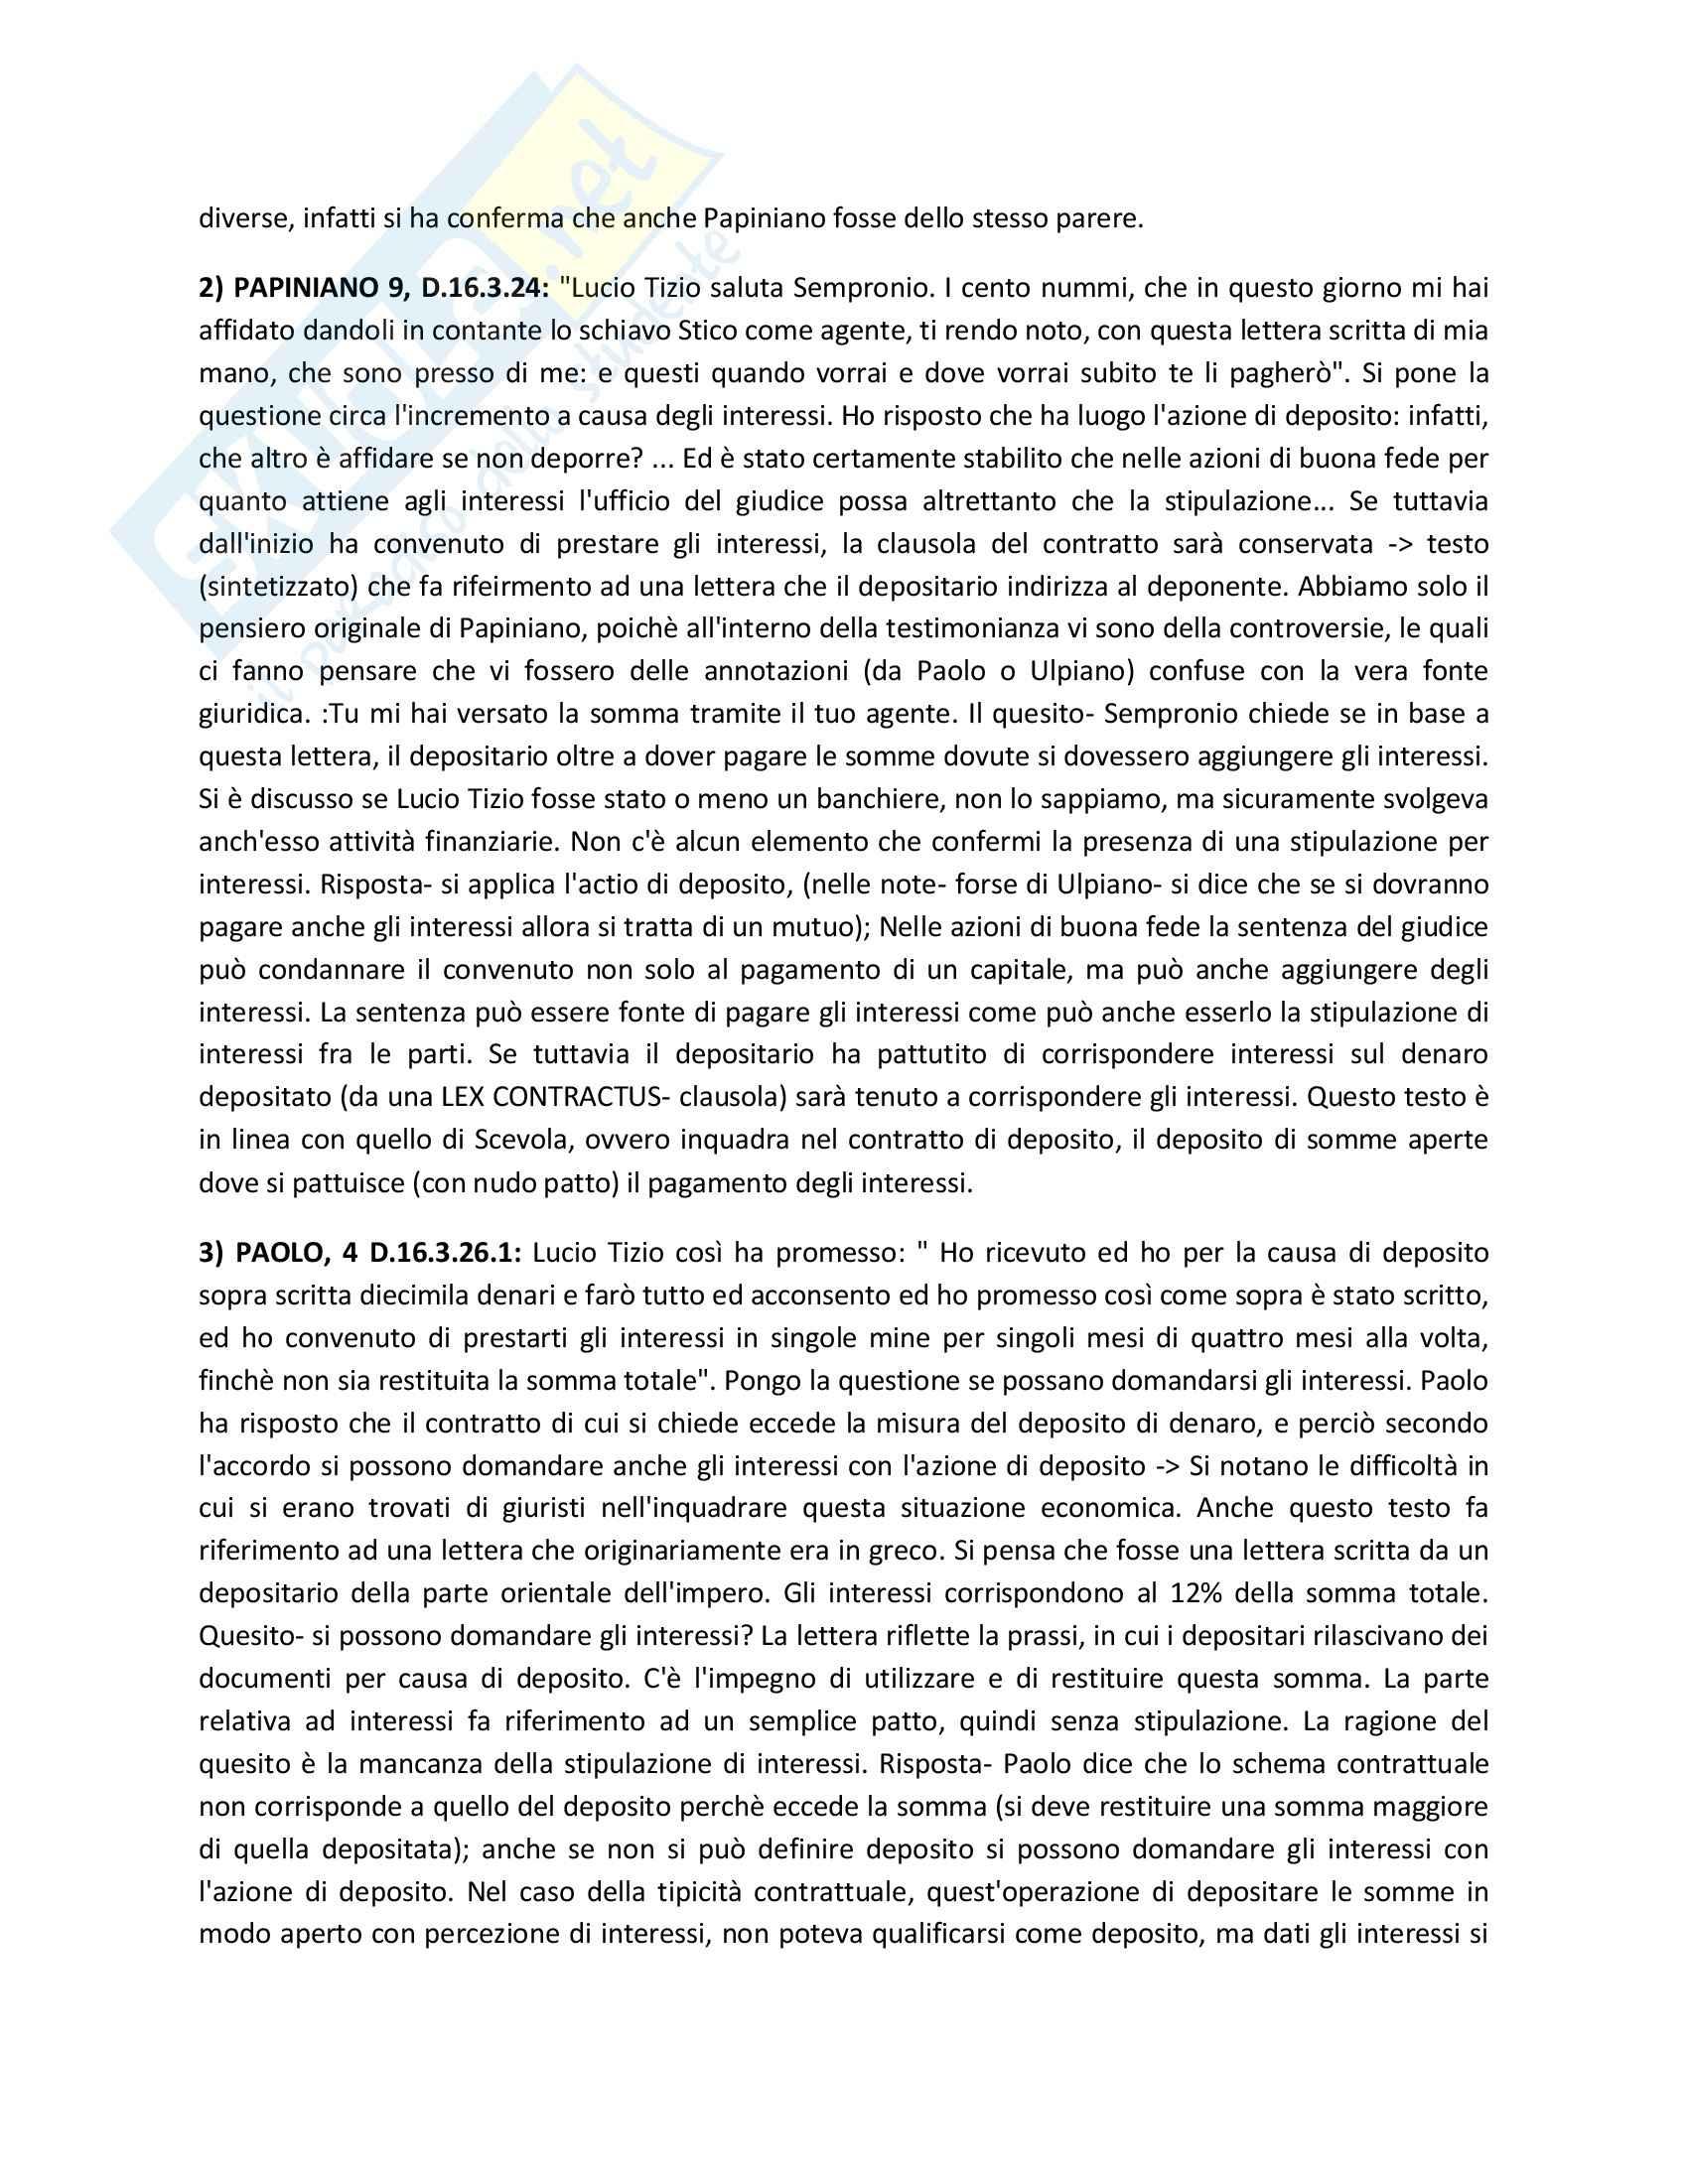 Diritto romano - nozioni generali Pag. 66